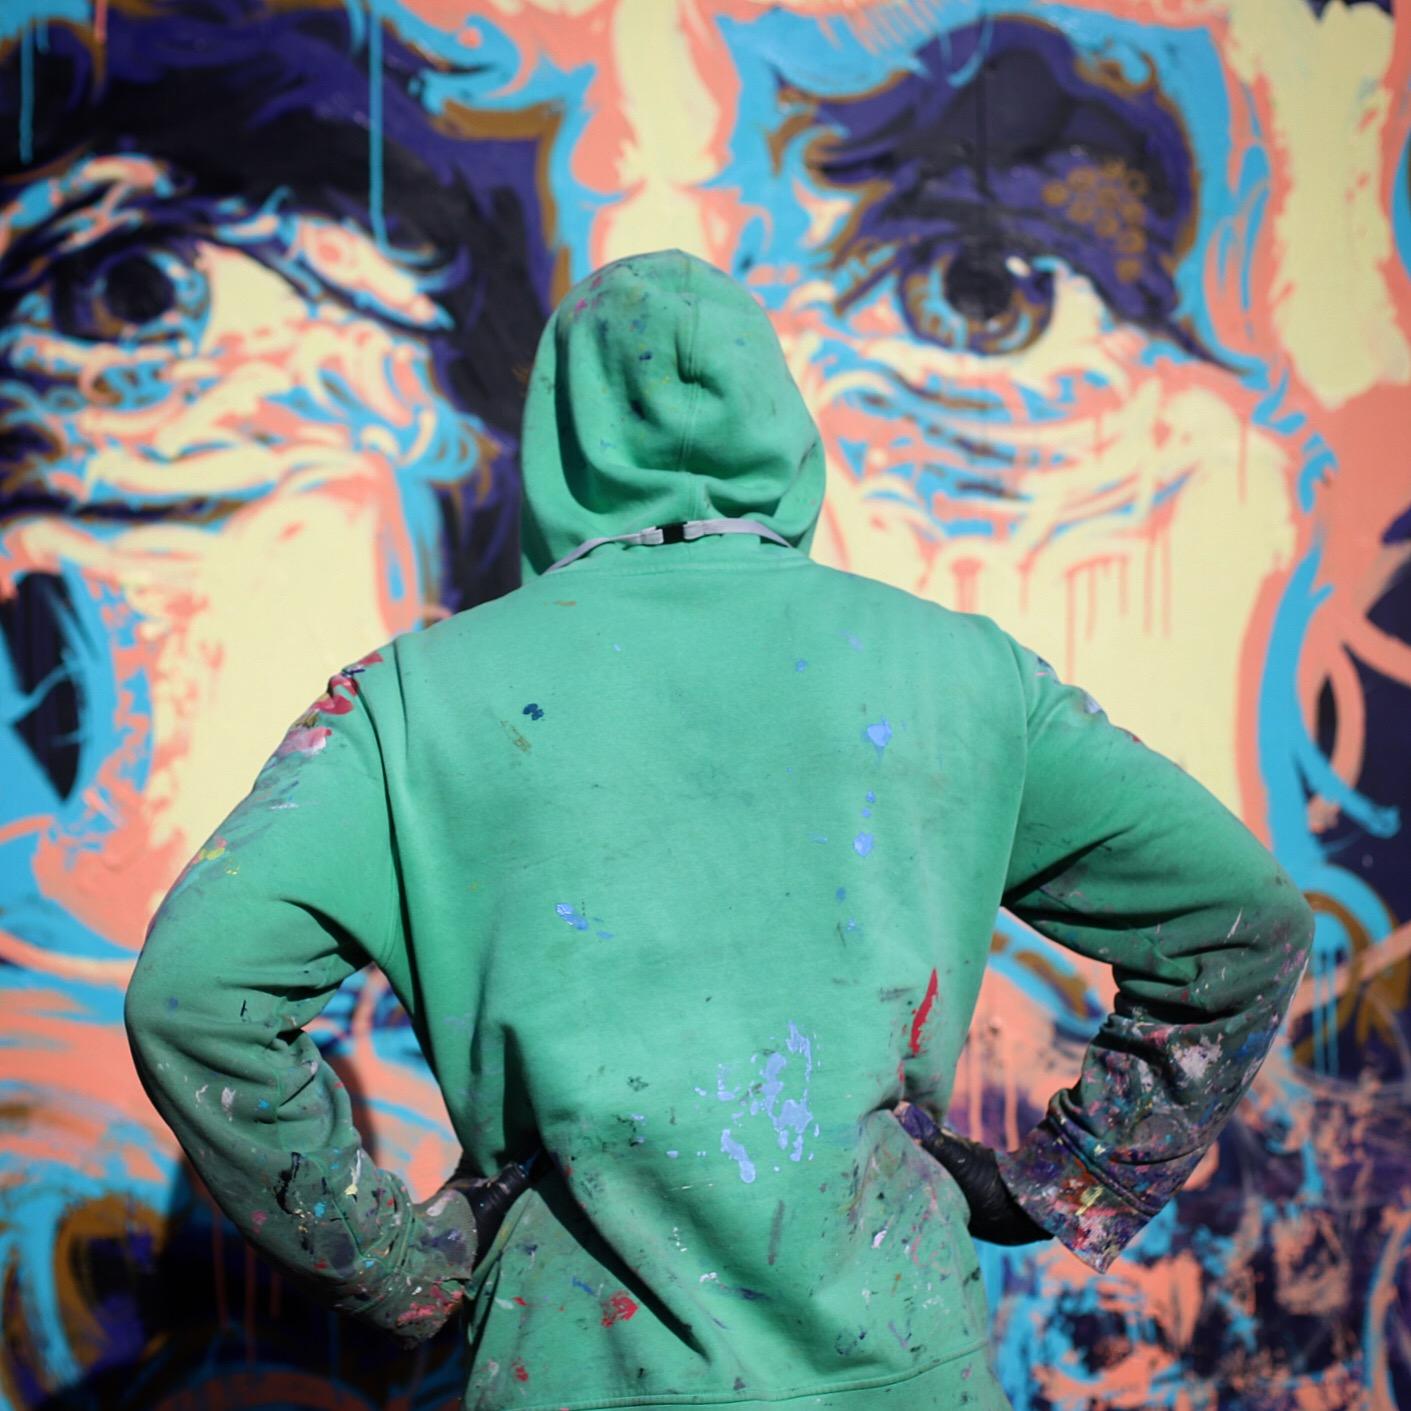 John_Byrne_Mural_Yardworks_Festival_2019_MCorr_4.JPG